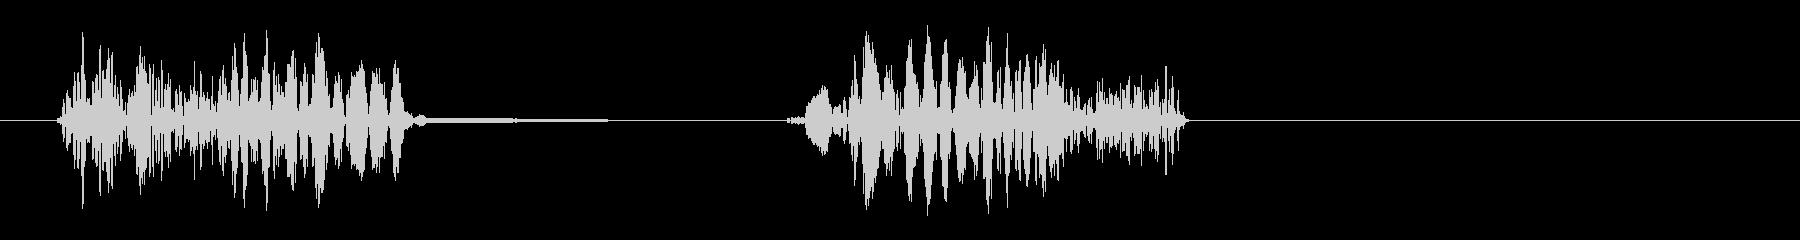 ビュシュ(接触の音)の未再生の波形